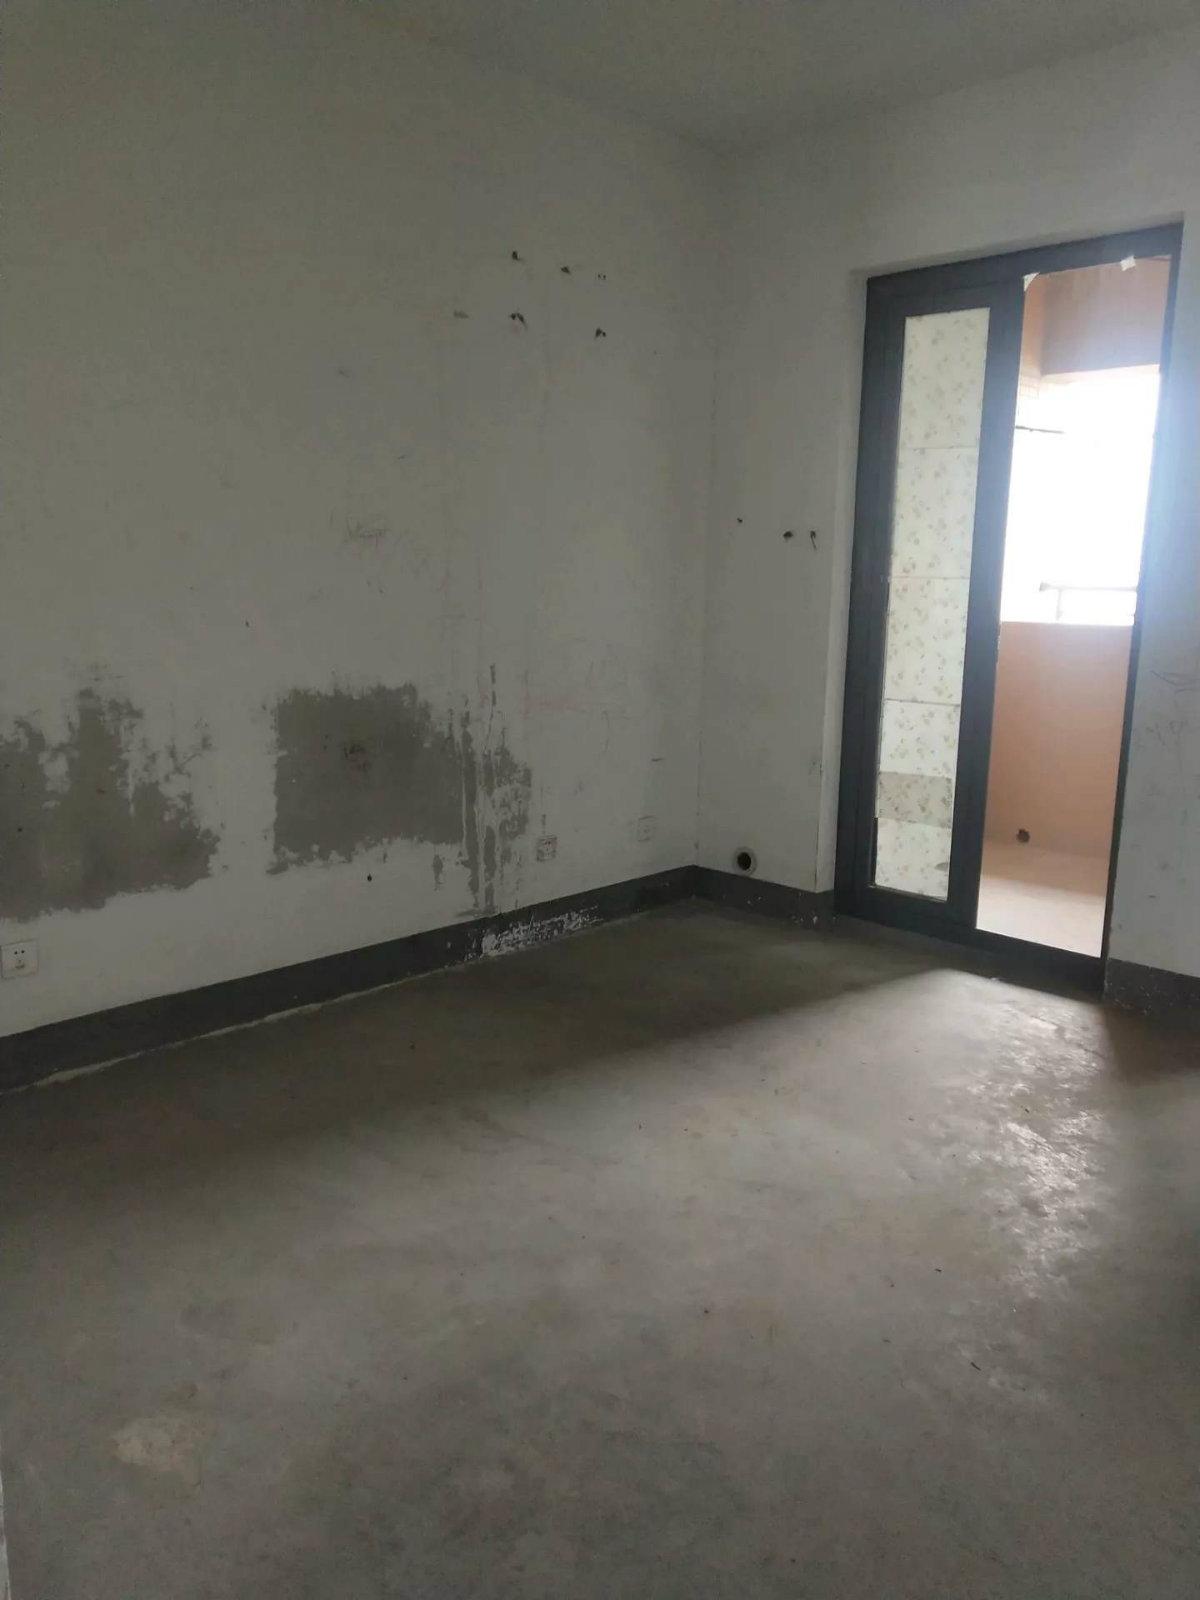 顺发康庄亚运村板块一步奥体满两年大三房看房方便,房东诚心出售